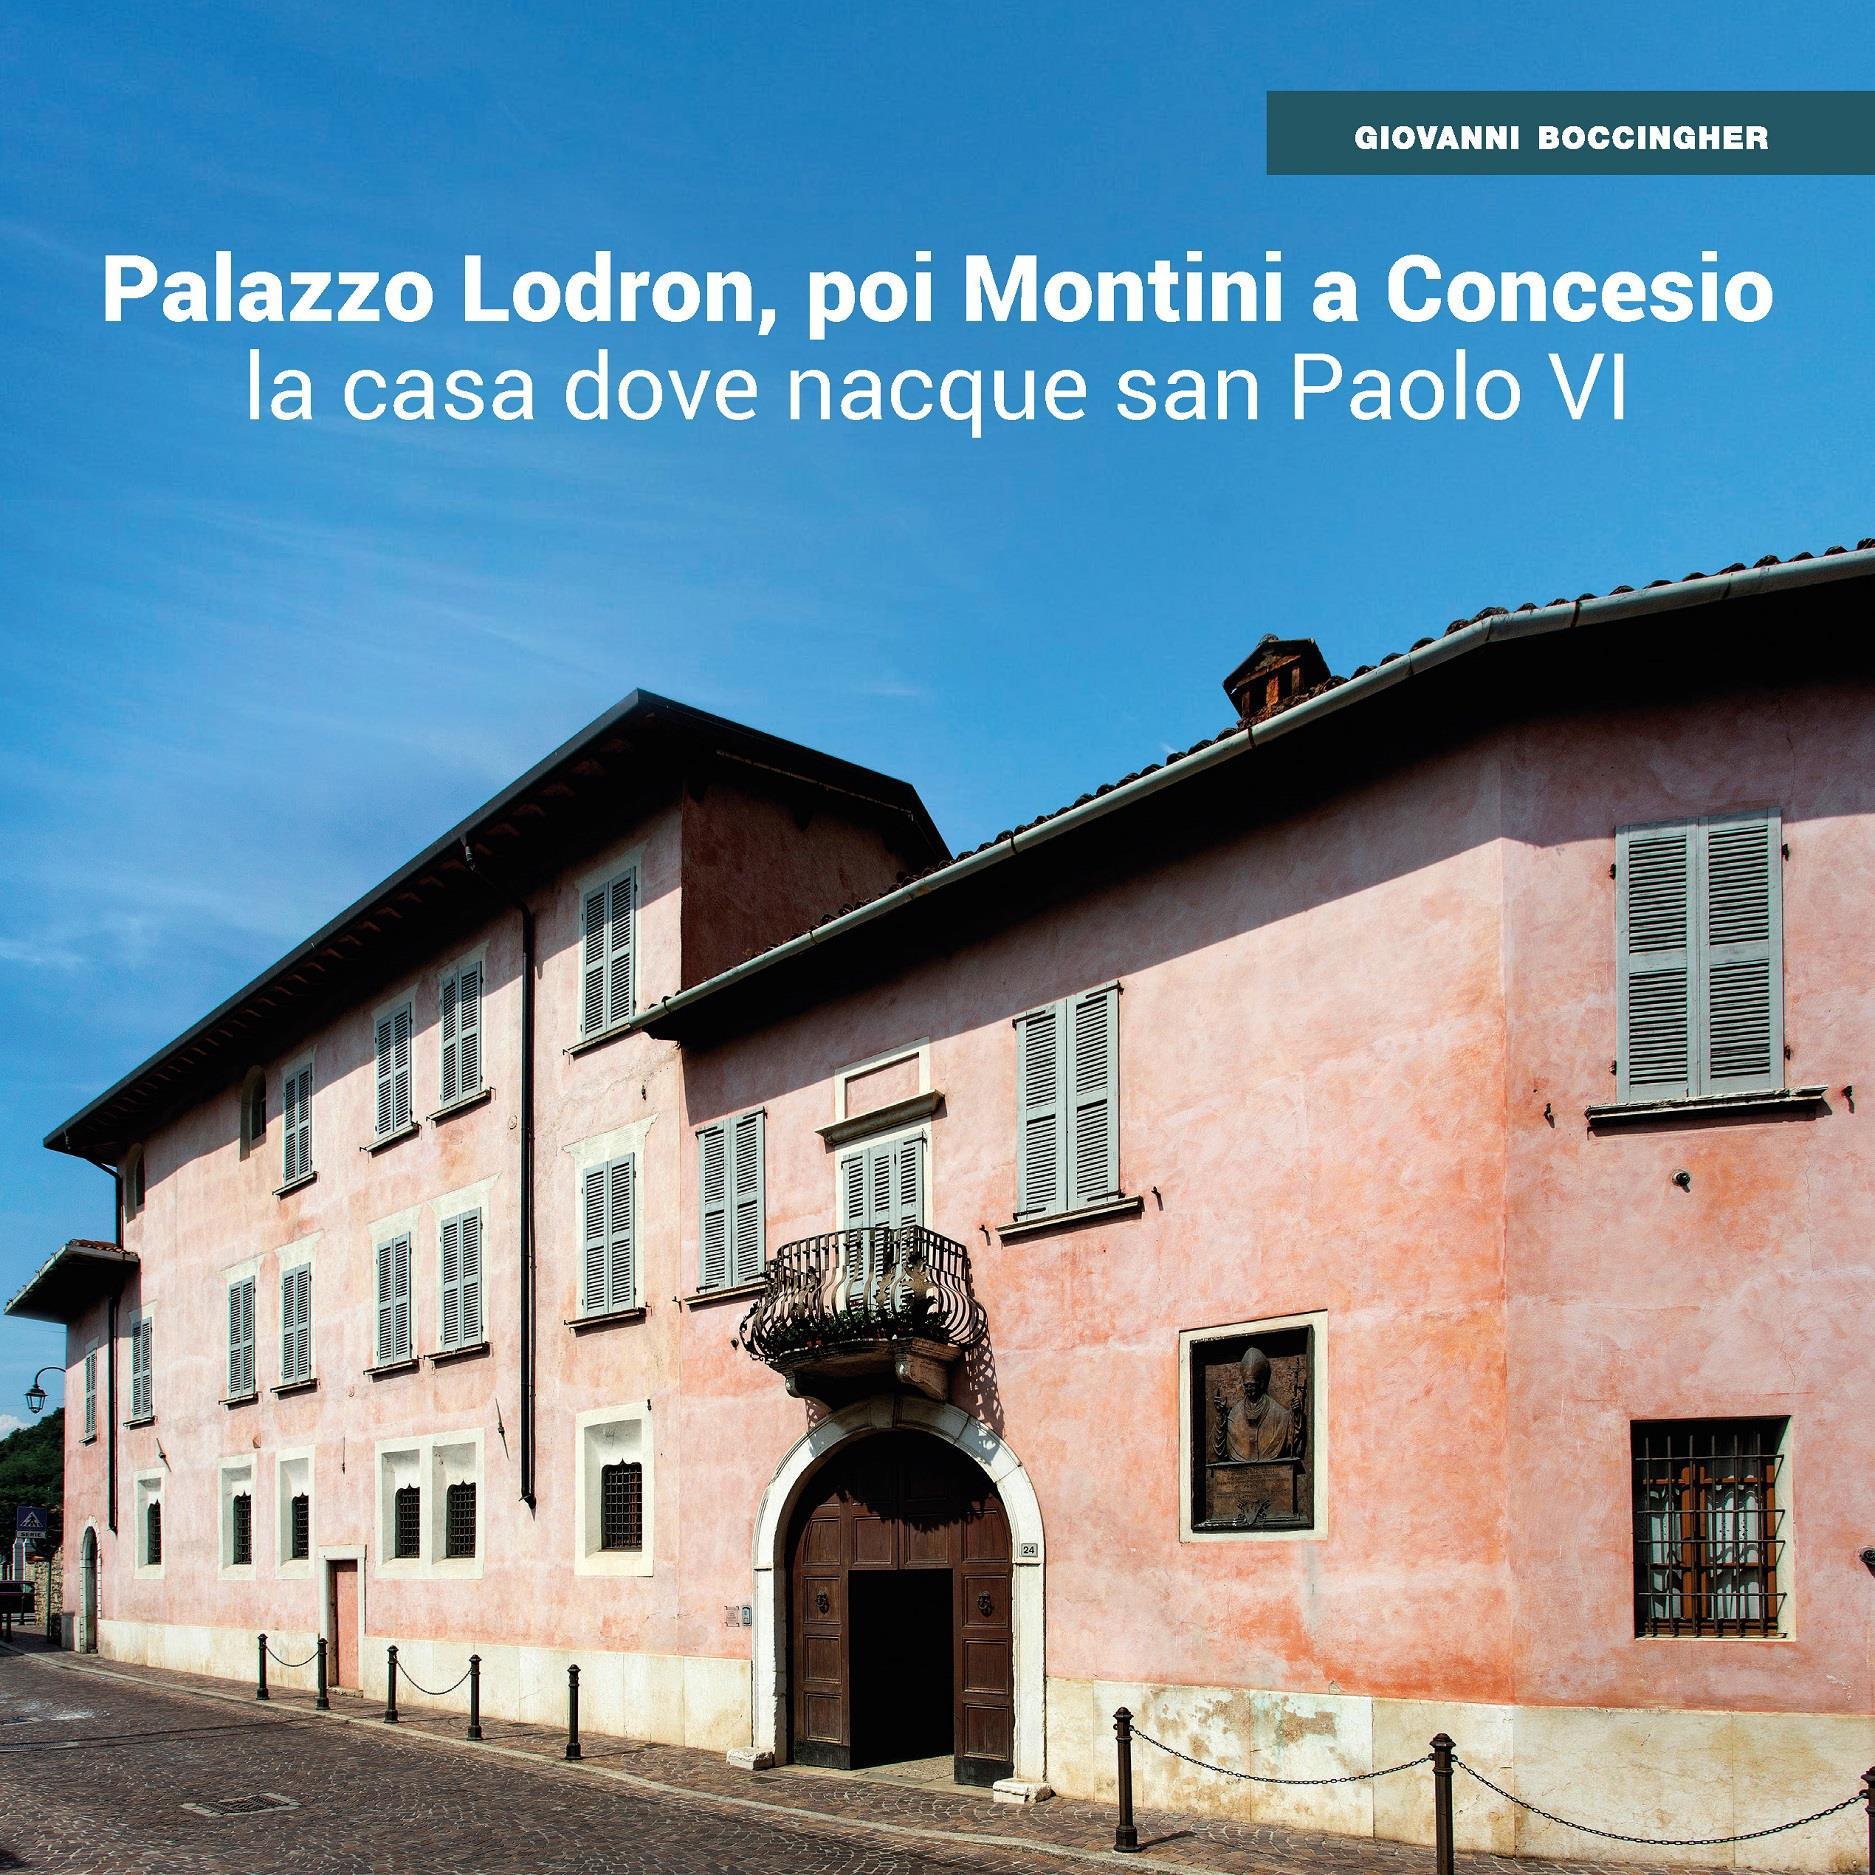 Palazzo Lodron-Montini a Concesio. La casa dove nacque san Paolo VI